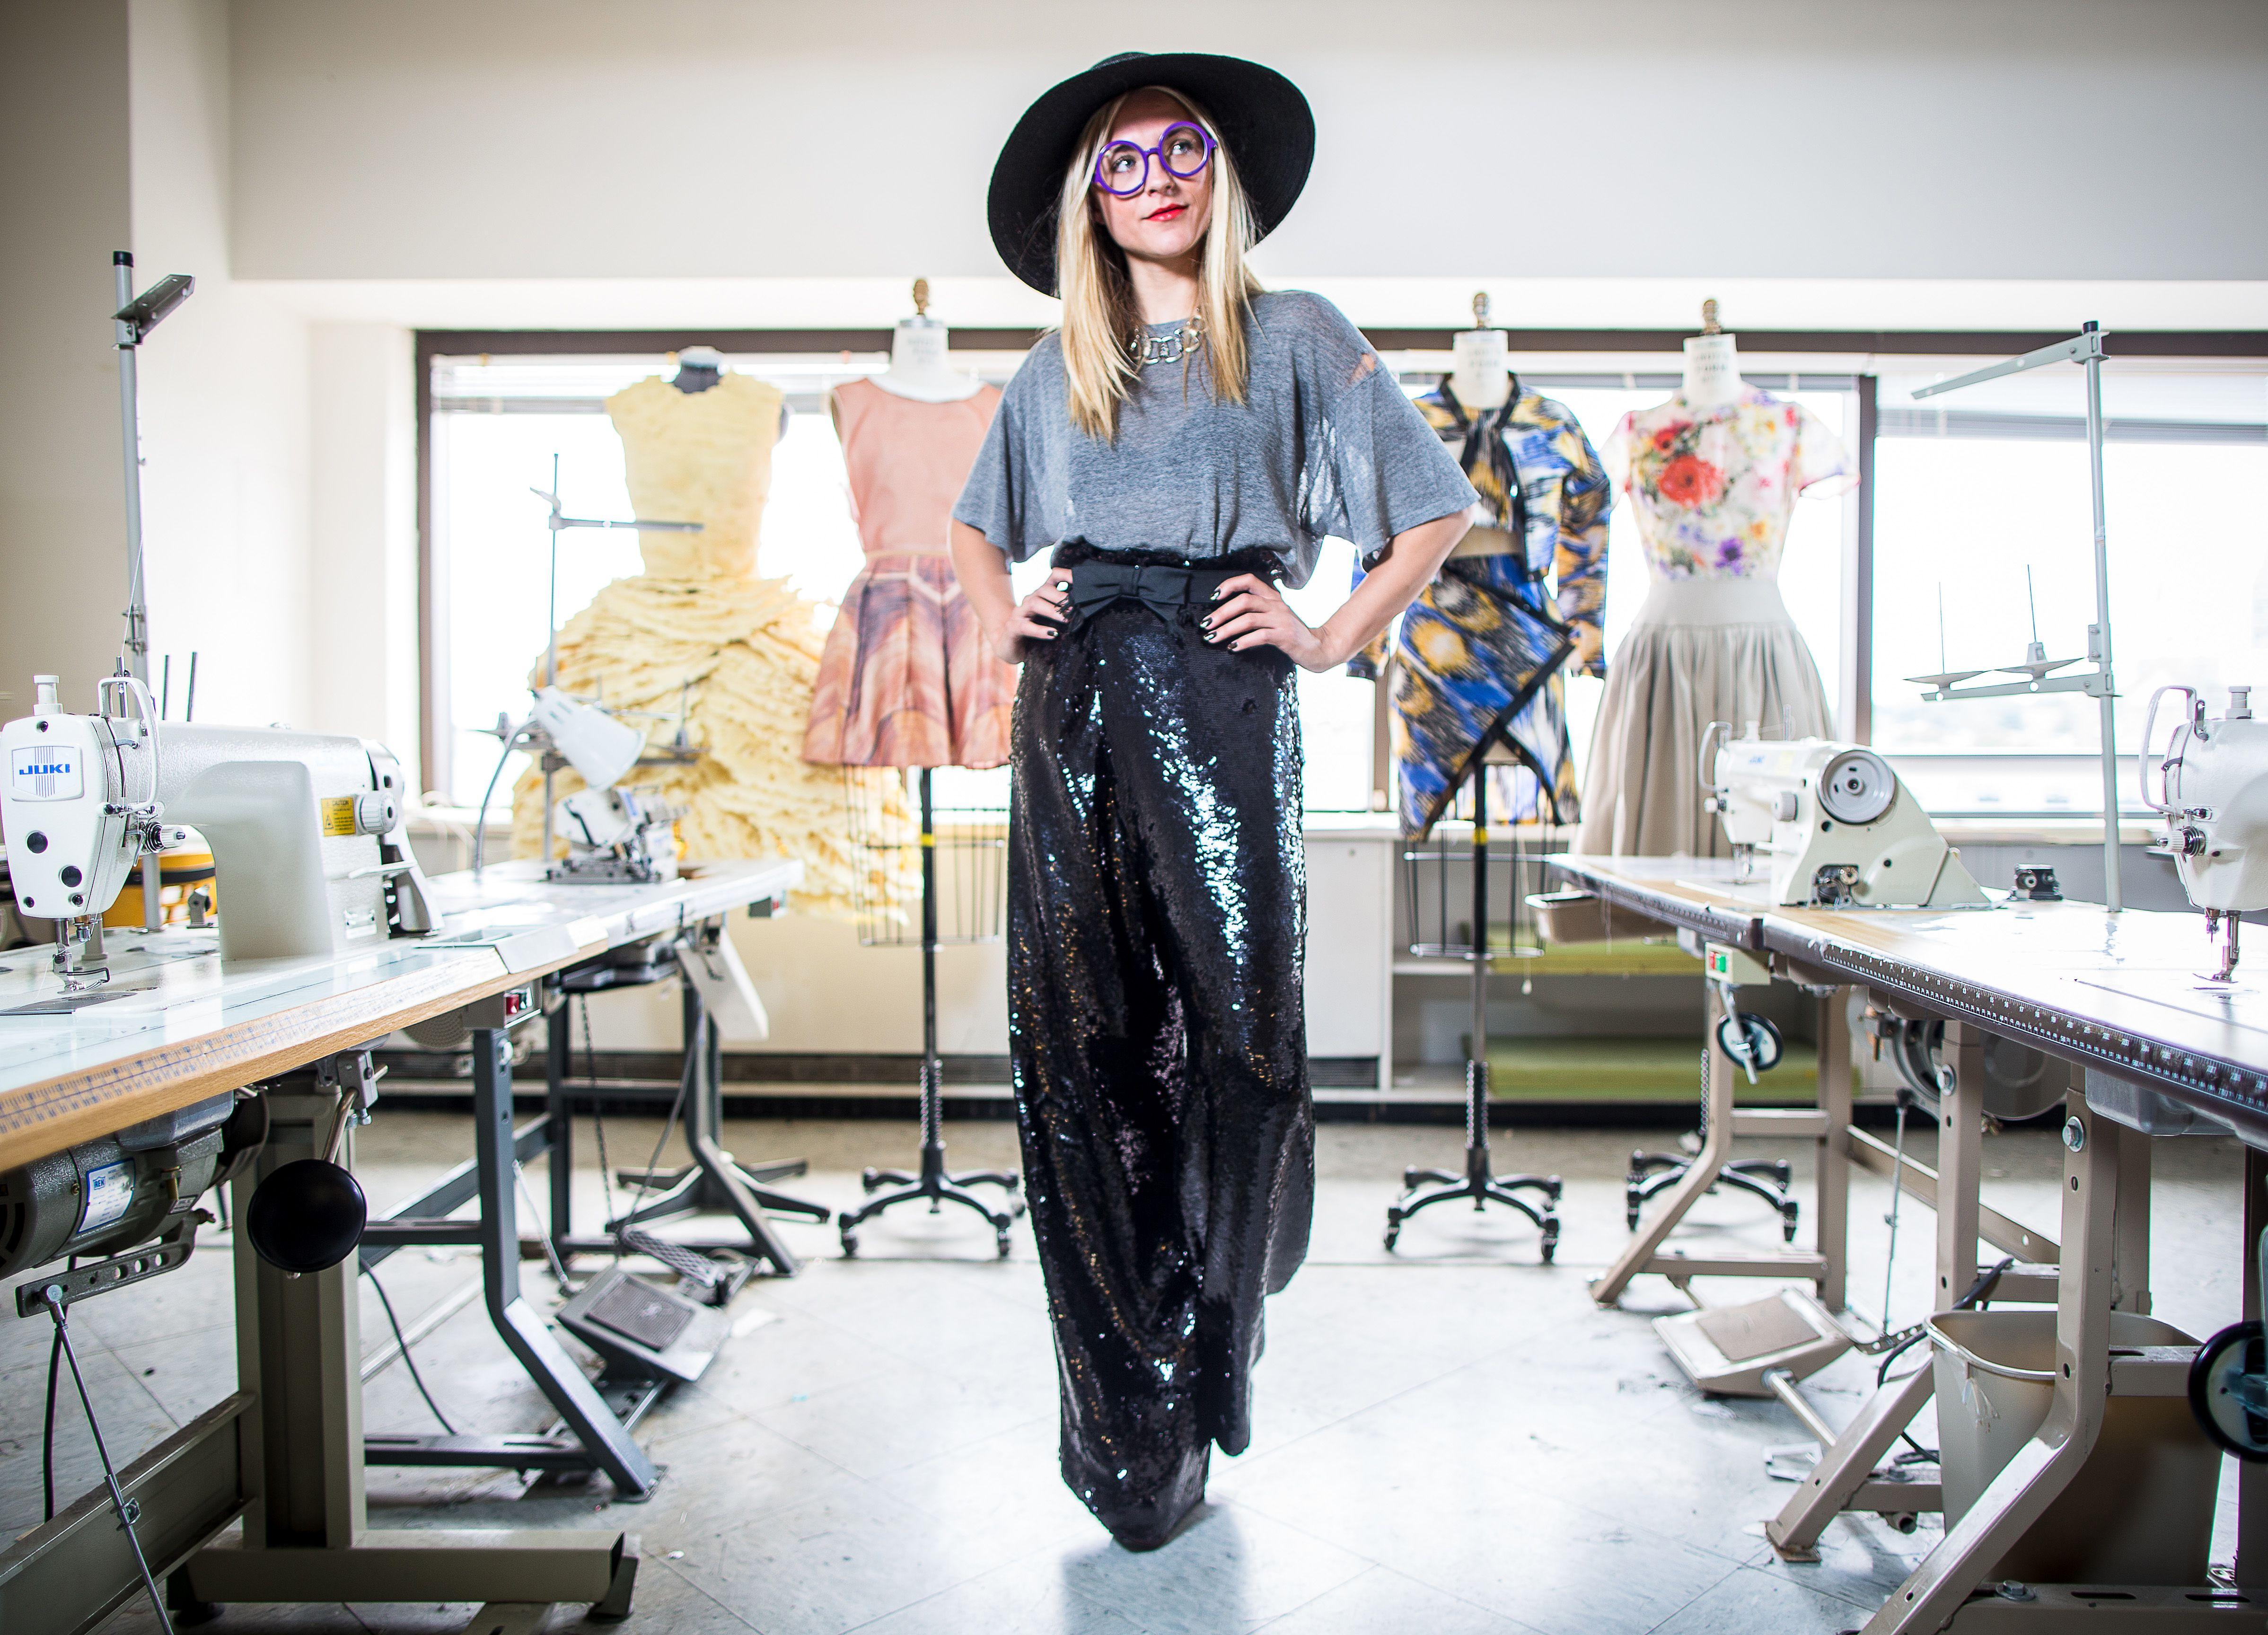 Massart Student Wins Prestigious Design Prize The Boston Globe